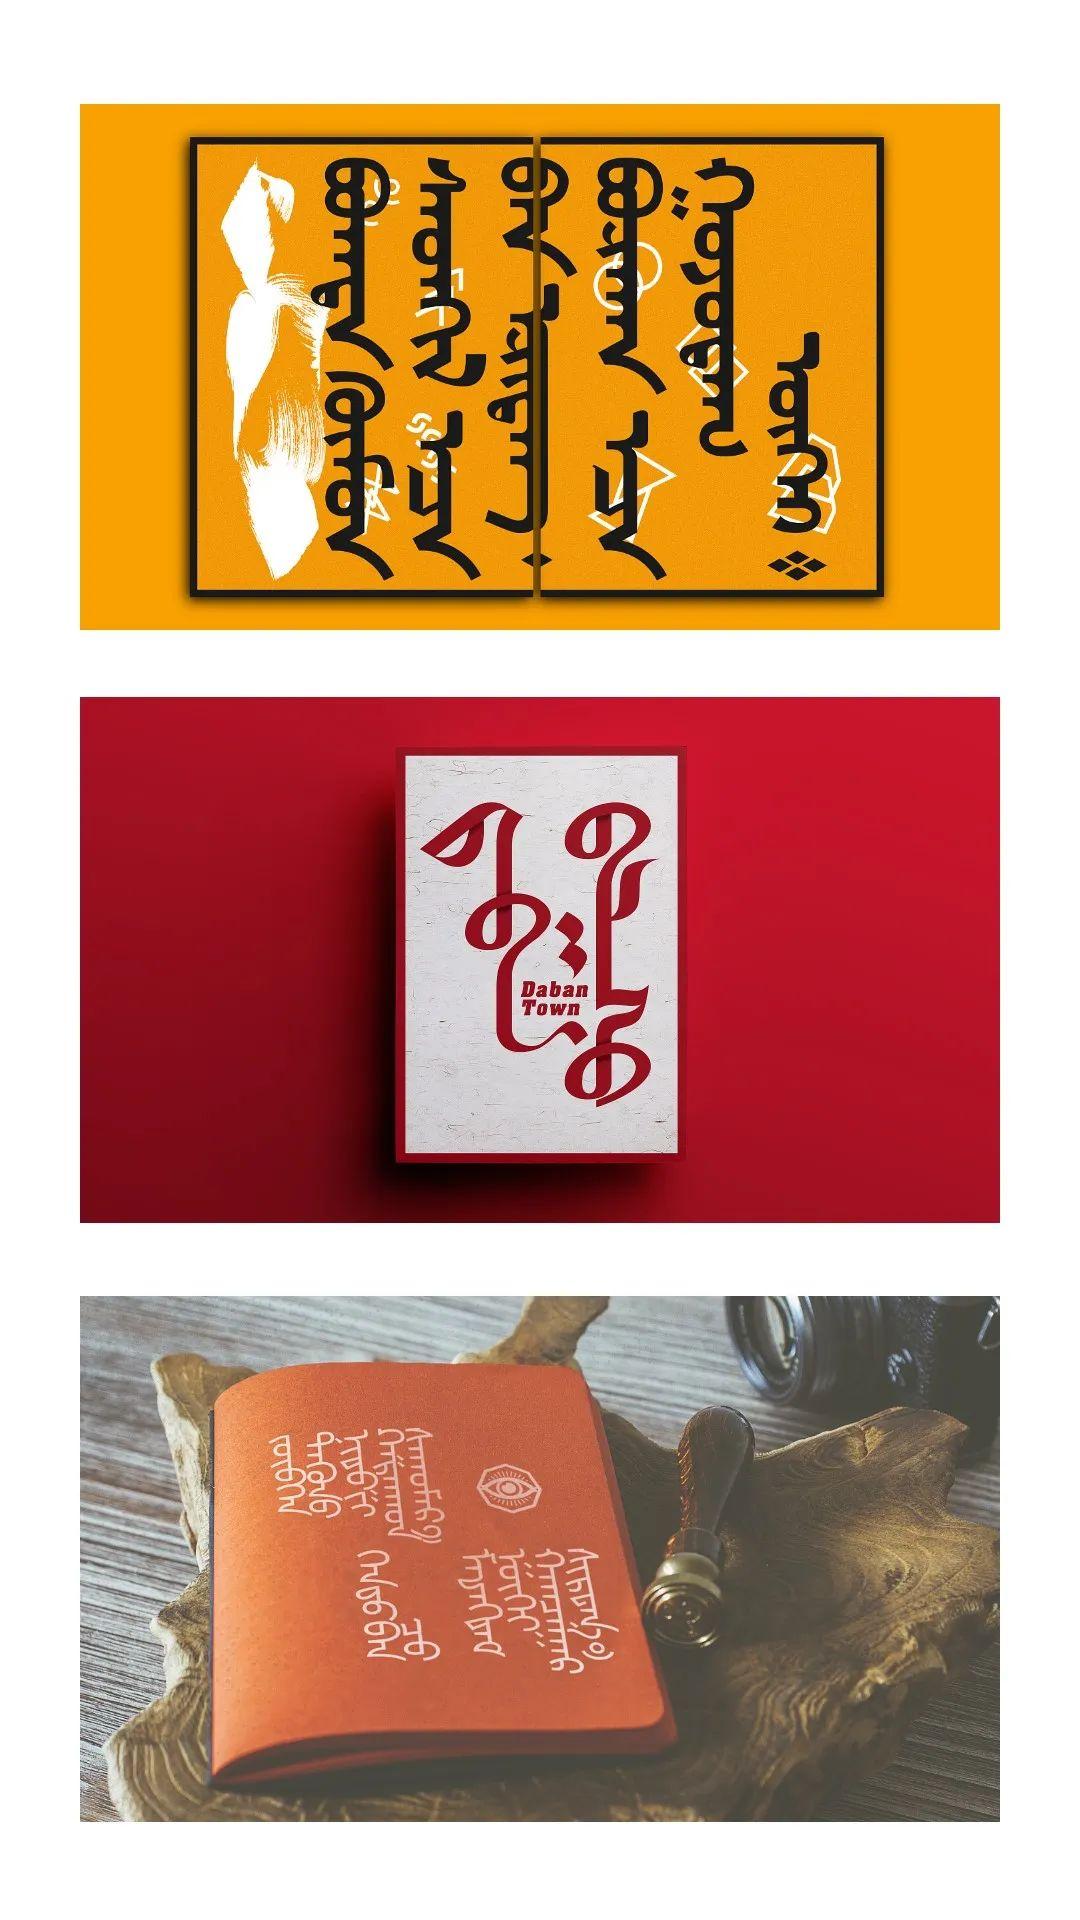 超赞的蒙元素设计-看完马上收藏 #Hotoch-Design#设计案例 第10张 超赞的蒙元素设计-看完马上收藏 #Hotoch-Design#设计案例 蒙古设计